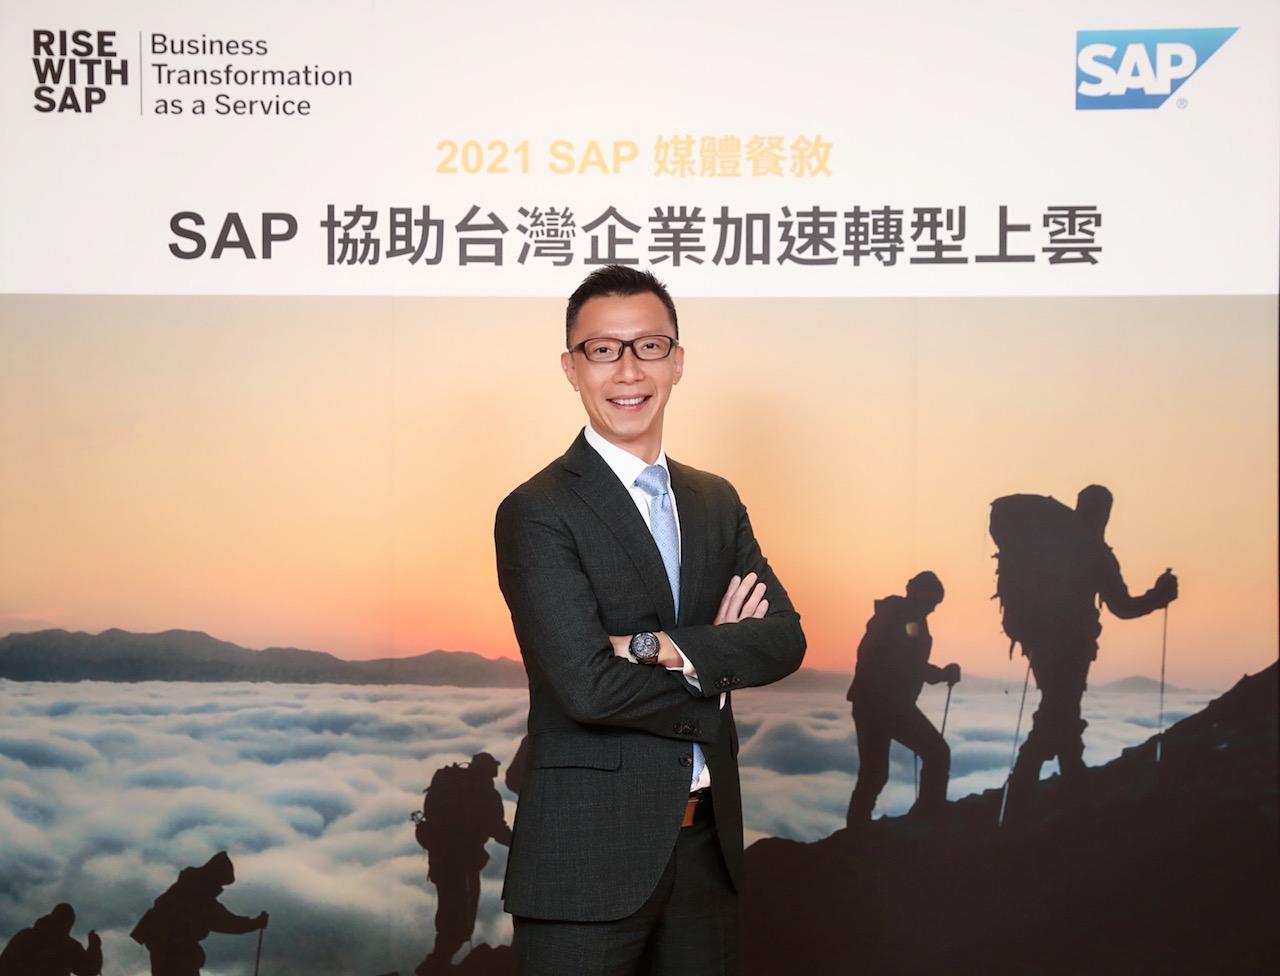 企業數位轉型一站式解決!RISE with SAP戰略正式落地台灣